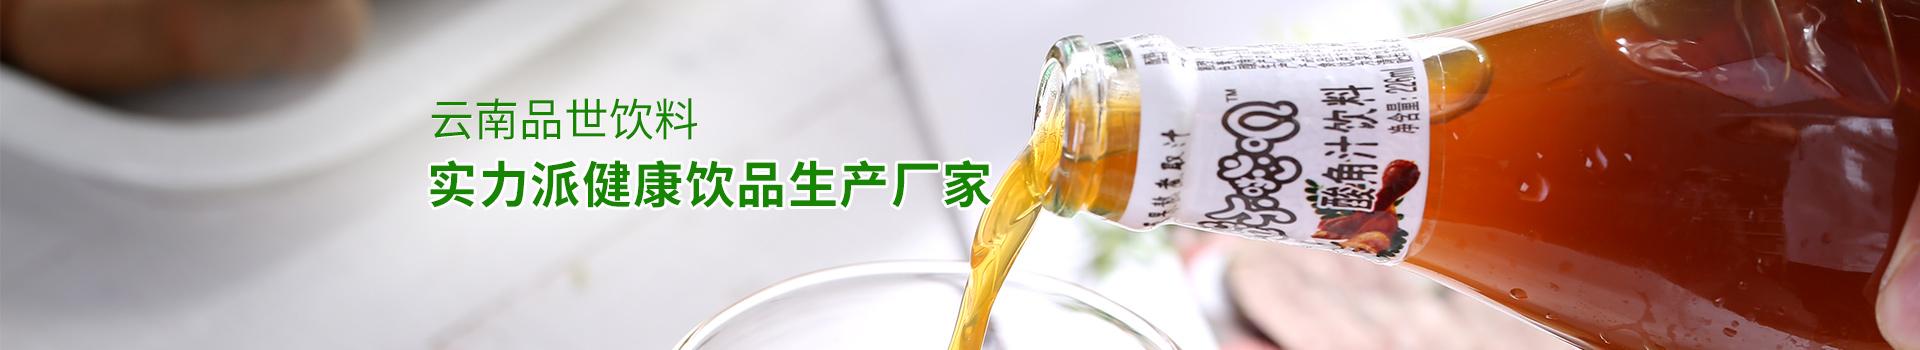 云南品世饮料,实力派健康饮品生产厂家